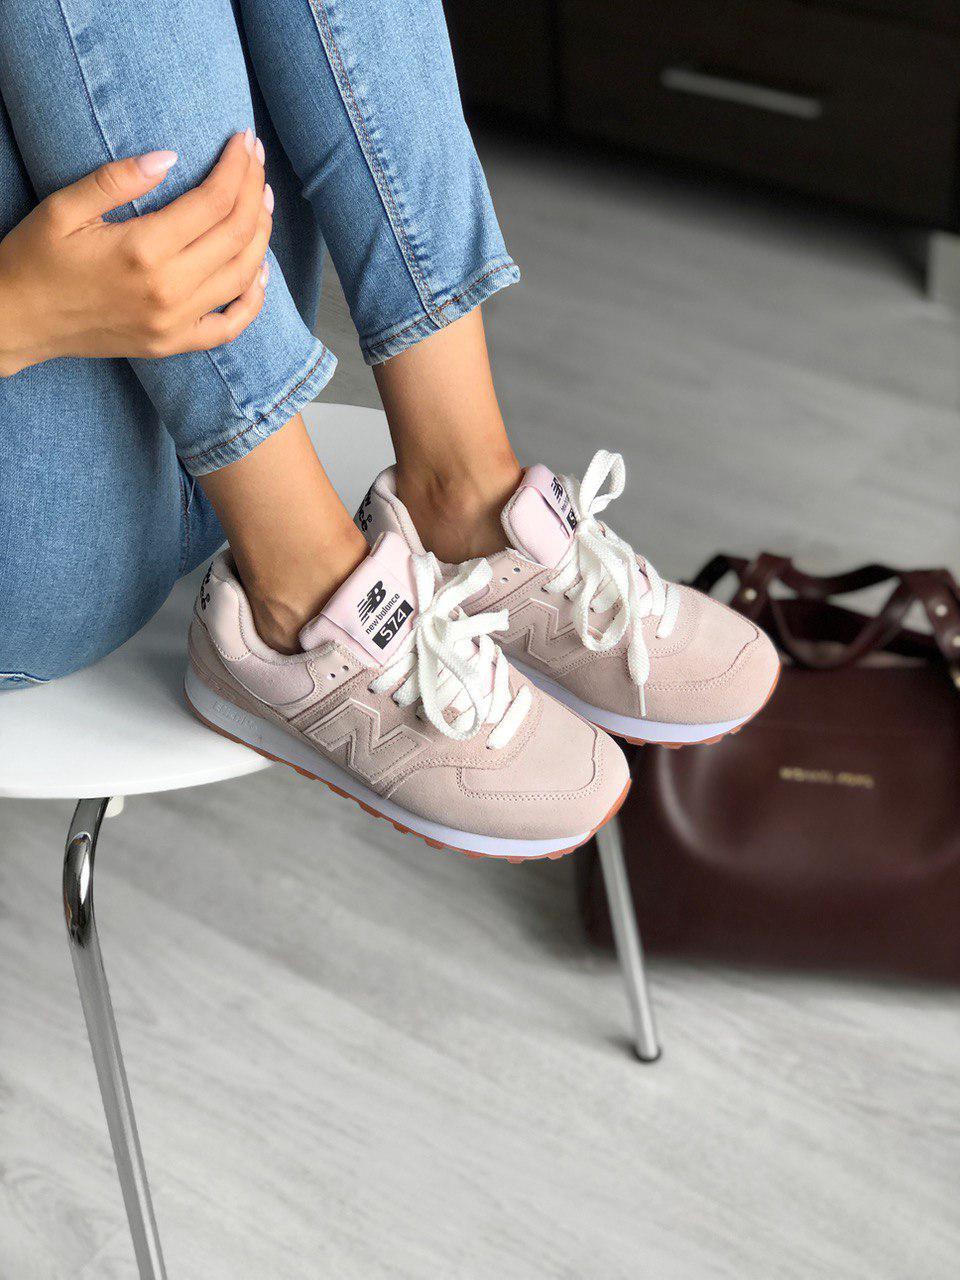 Стильные замшевые кроссовки New Balance 574 нежно розовые